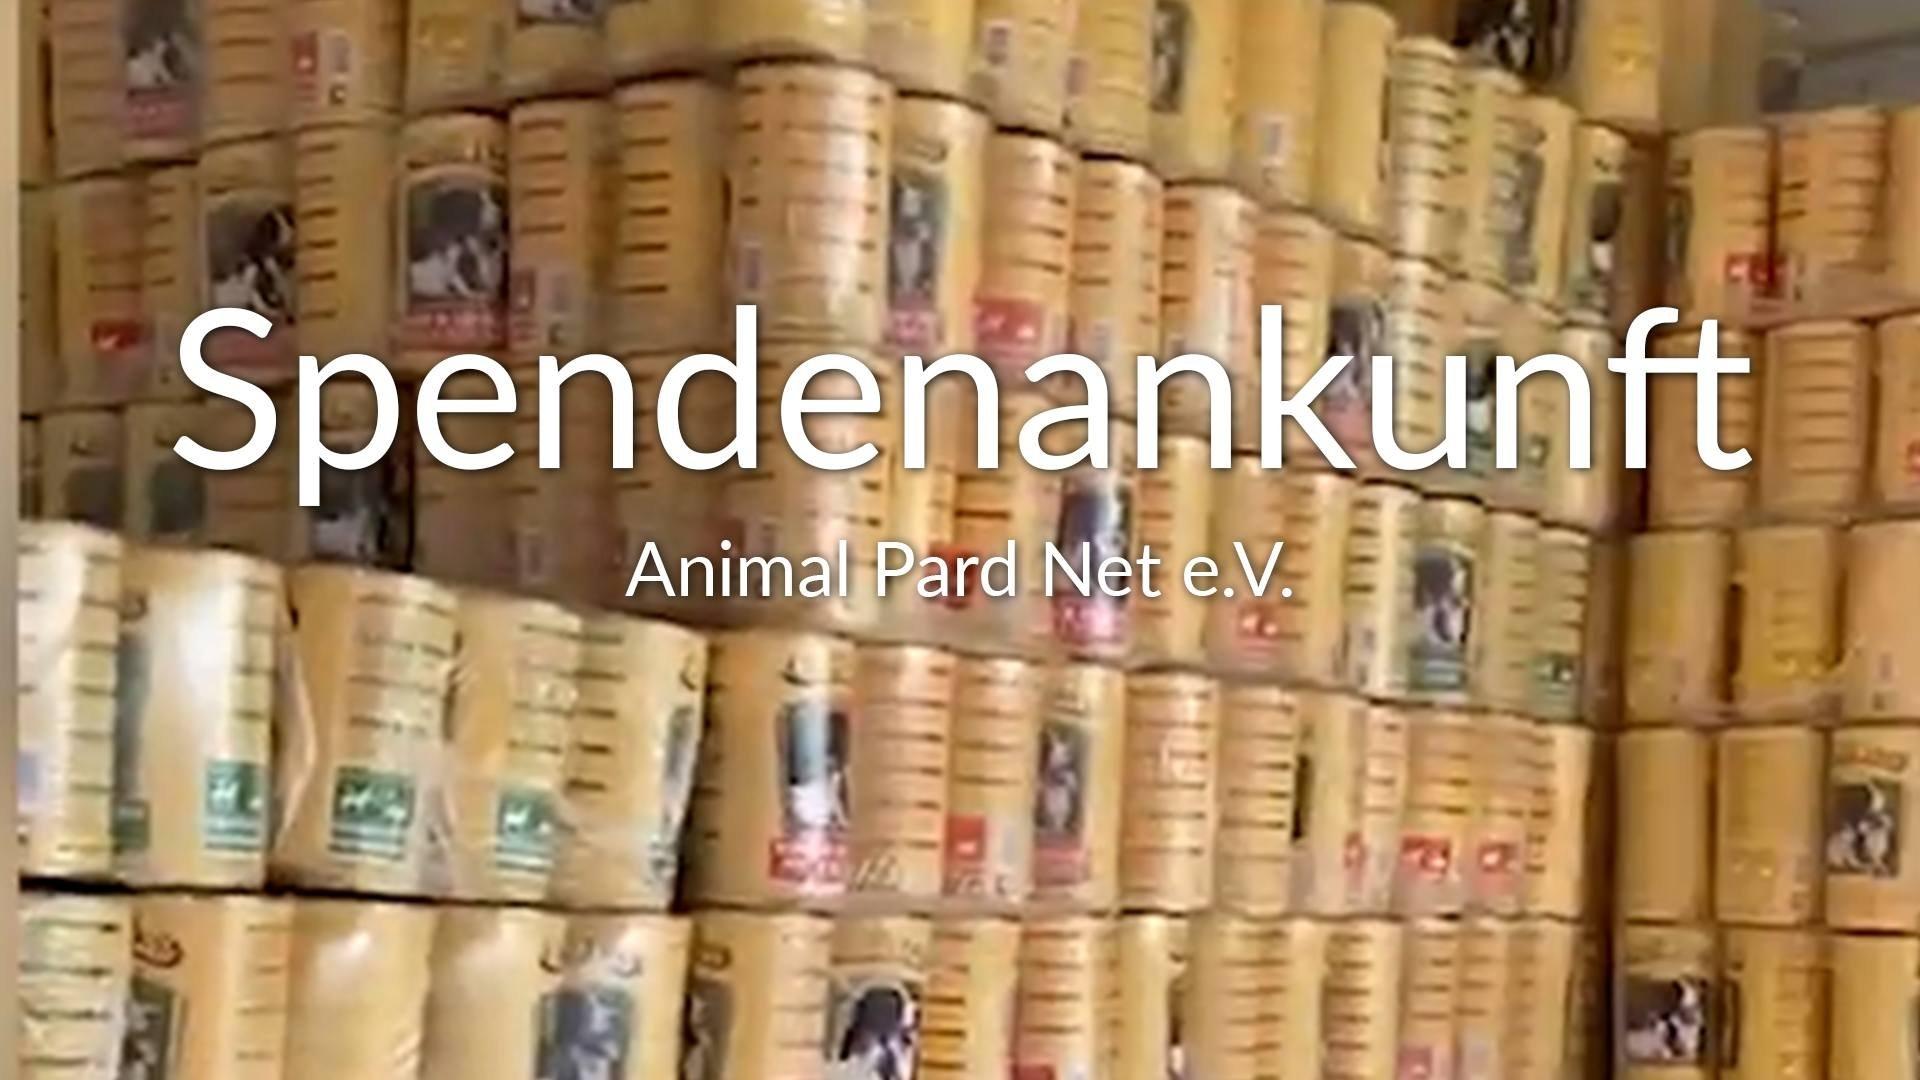 Animal Pard Net eV_SM2019_Thumbnail